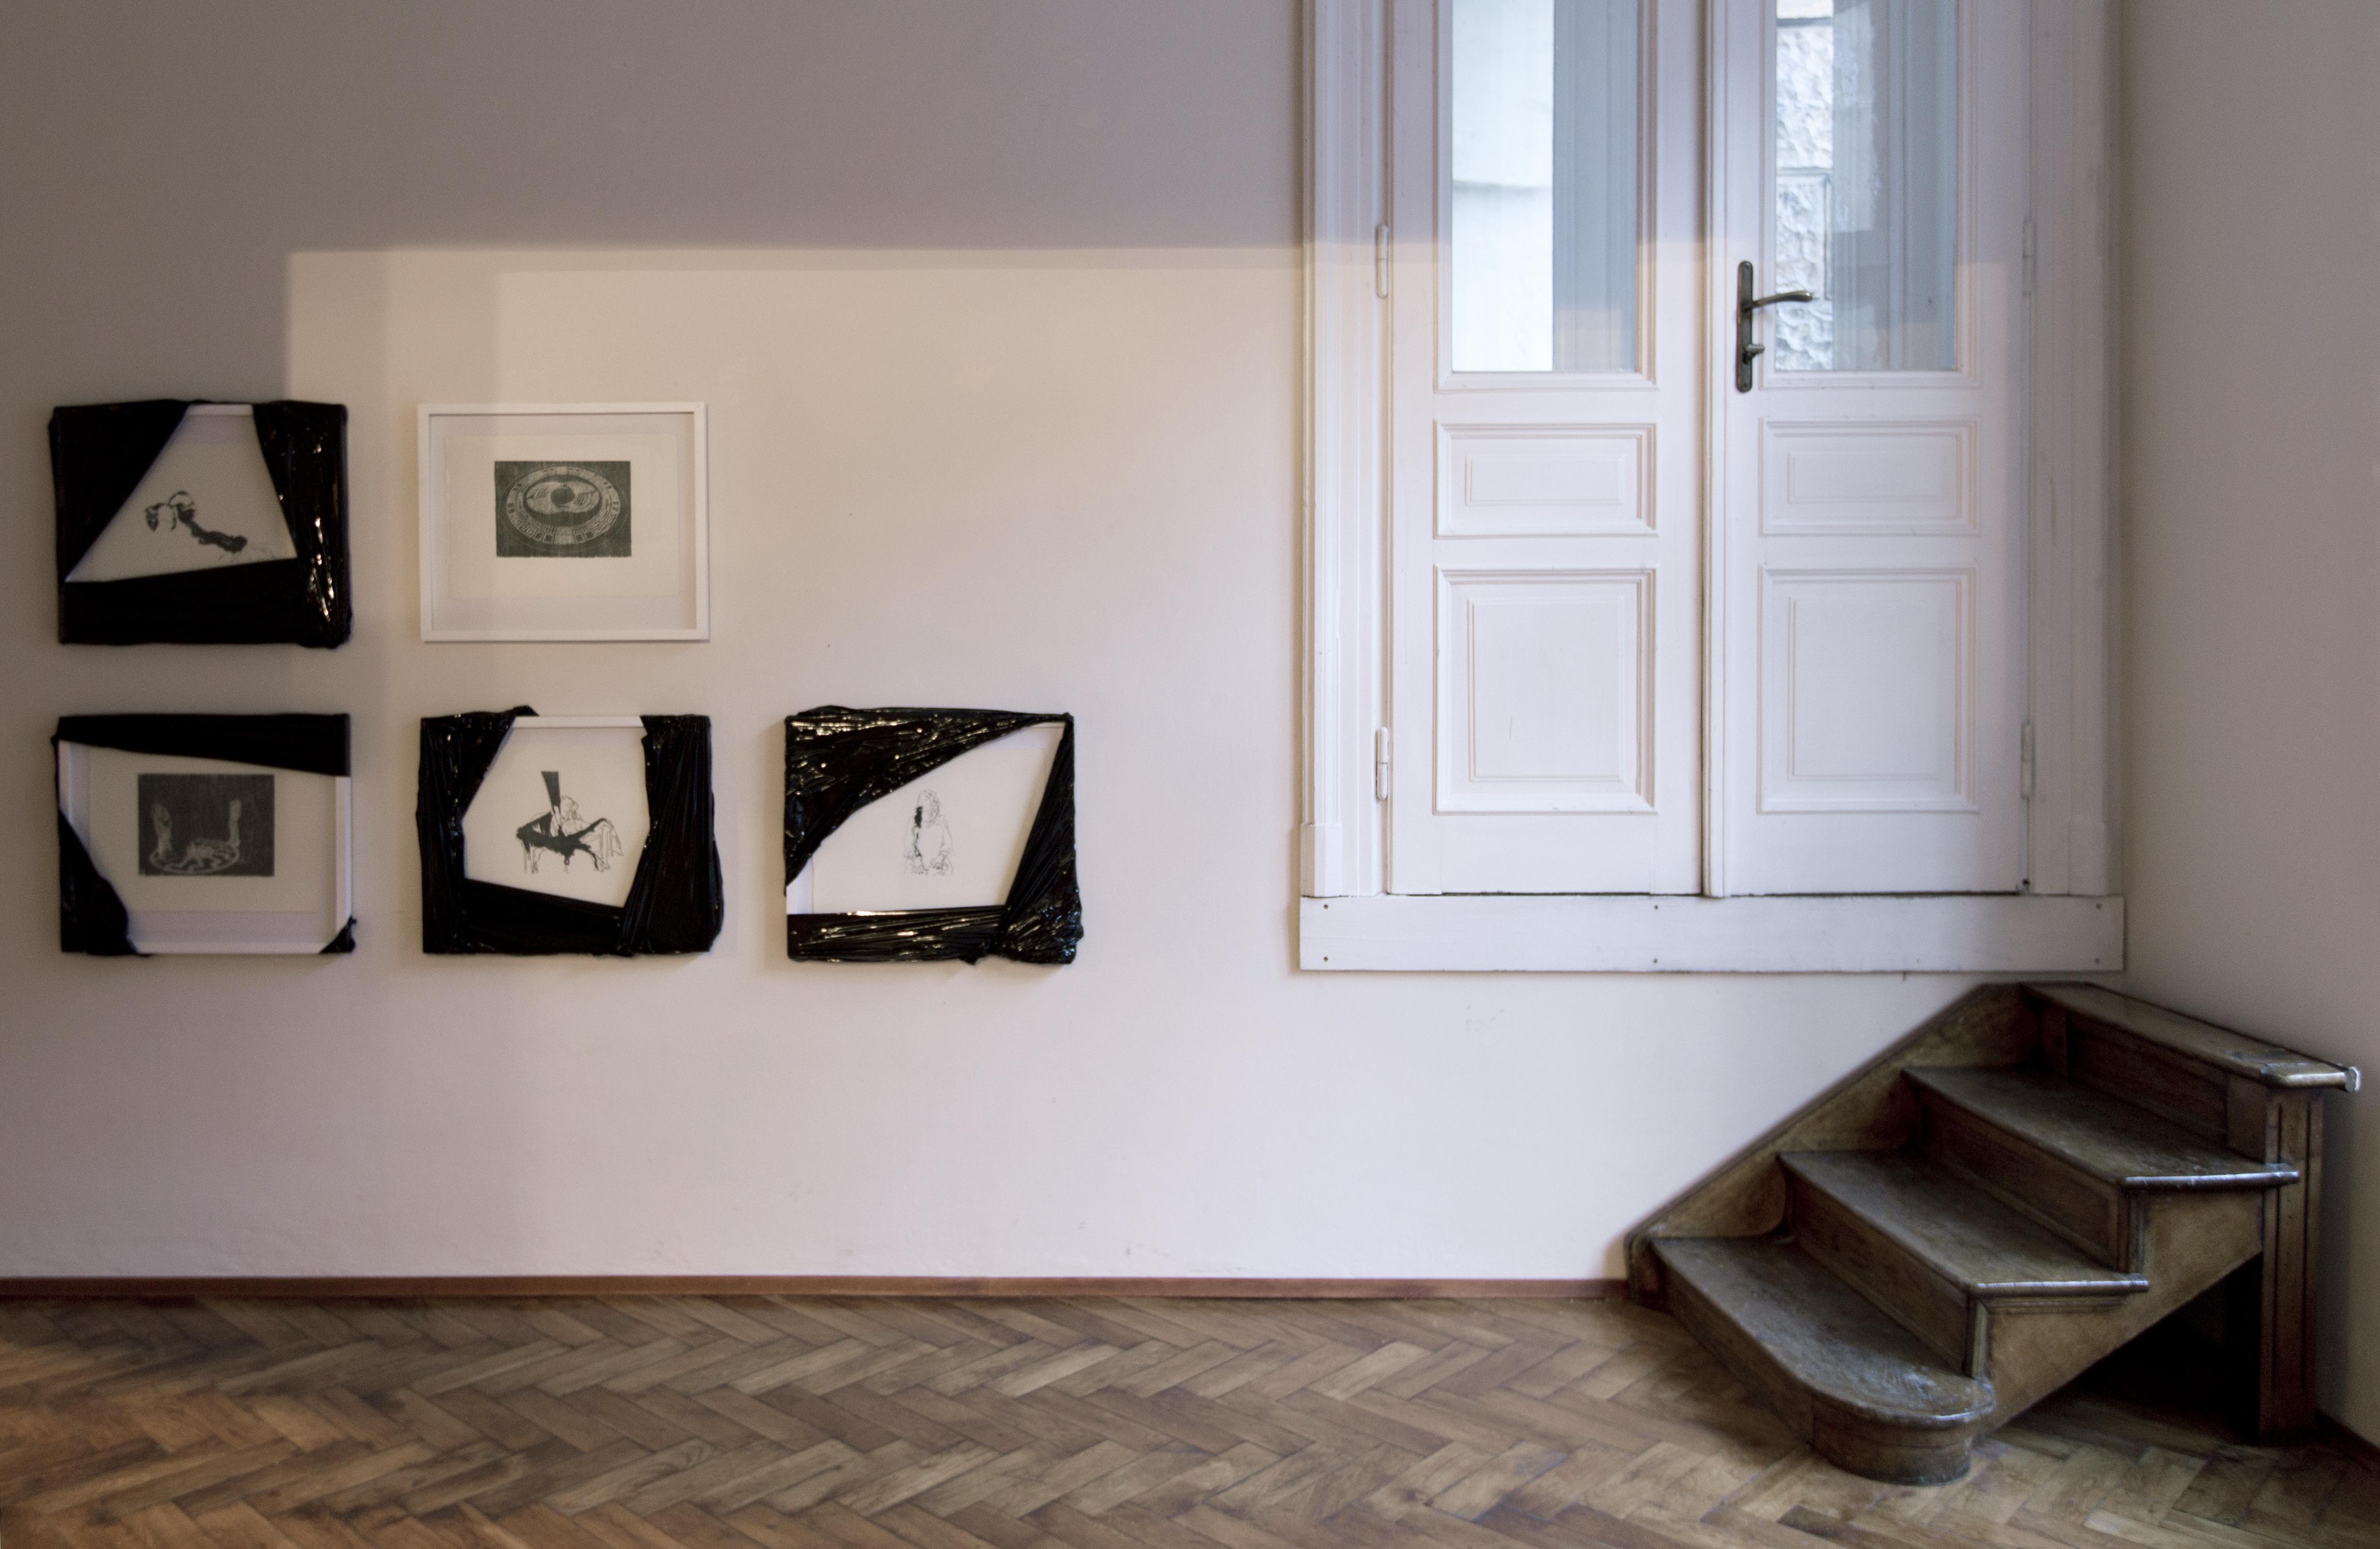 Dzieci szatana, widok wystawy